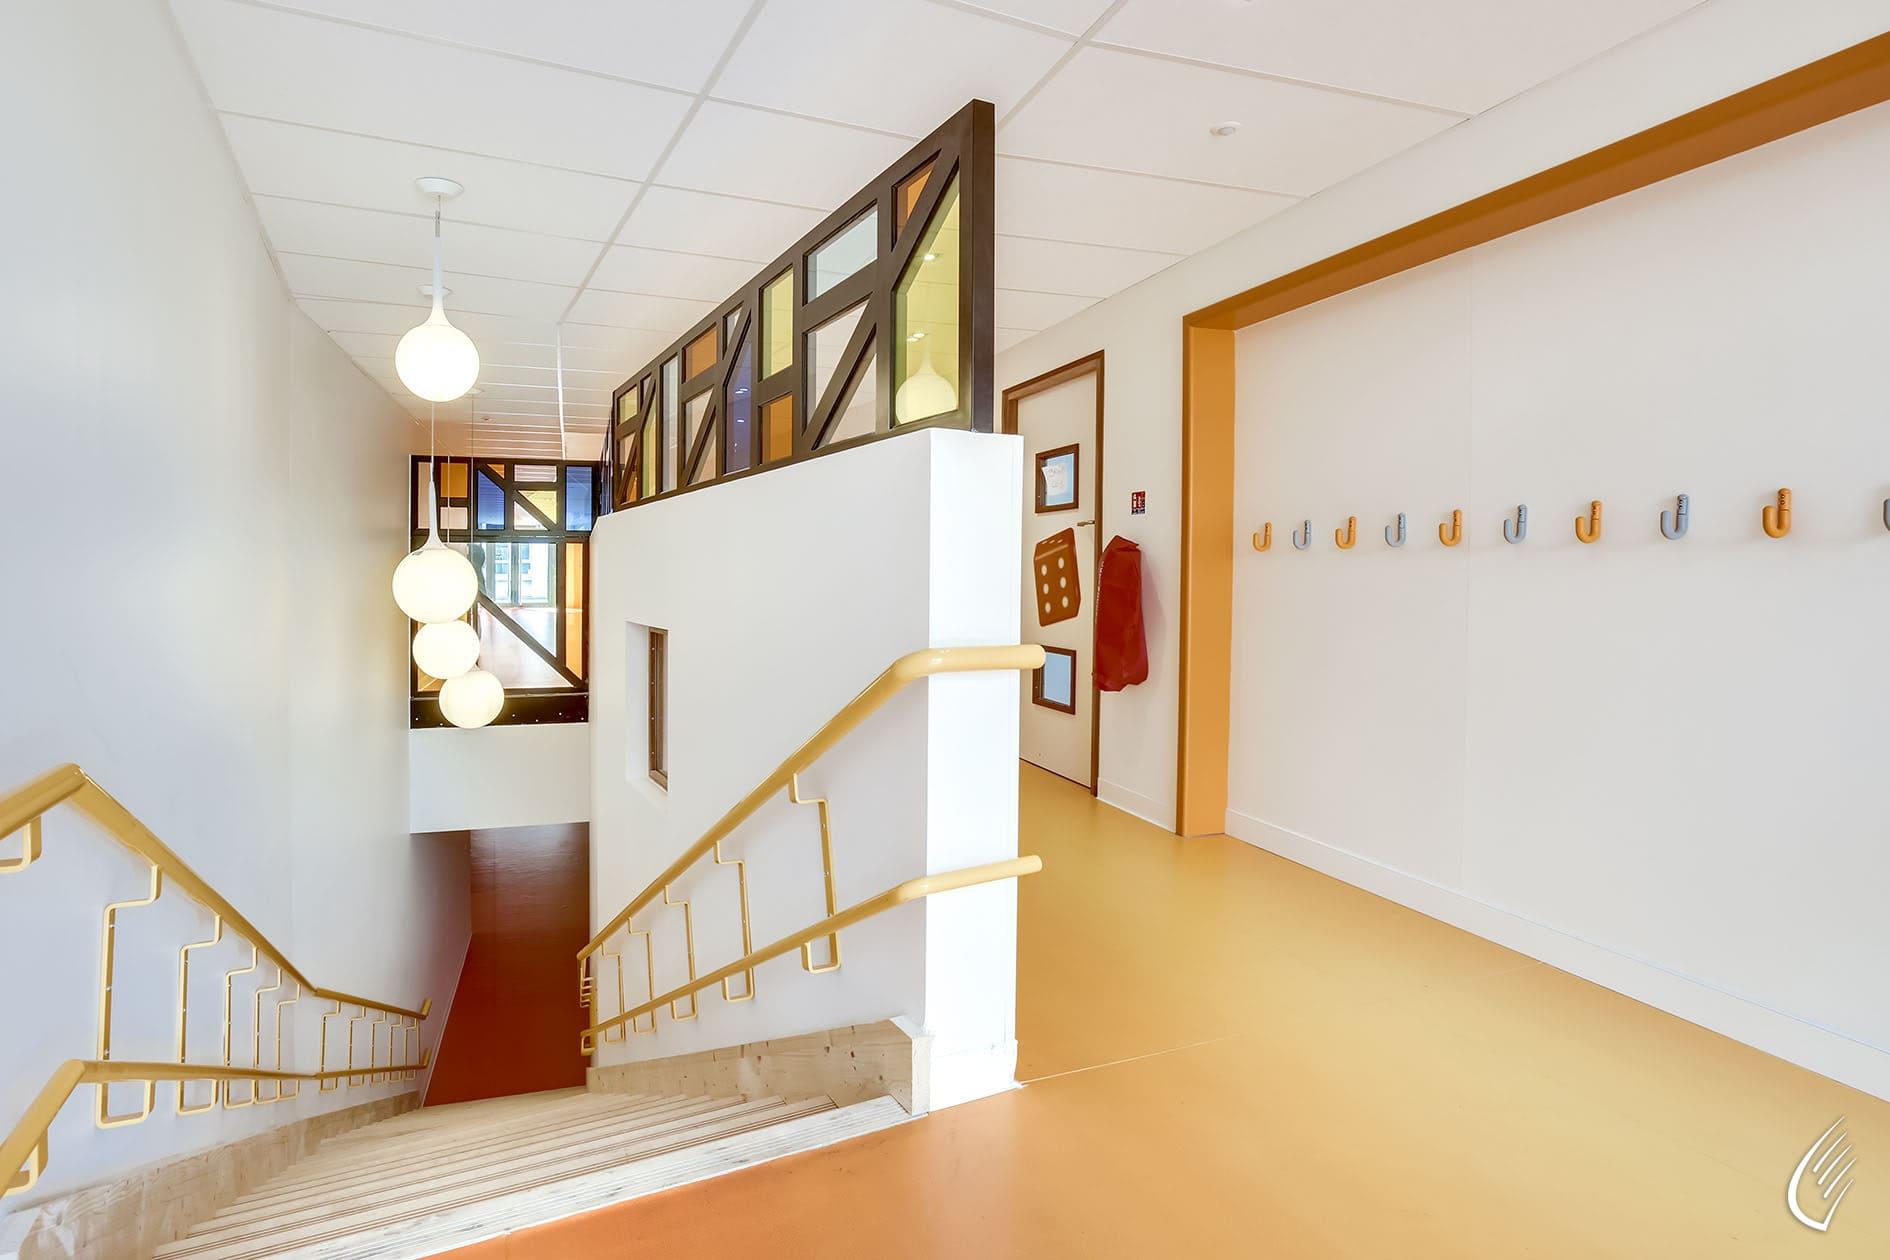 Conception de l'éclairage intérieur & extérieur d'un centre de loisirs